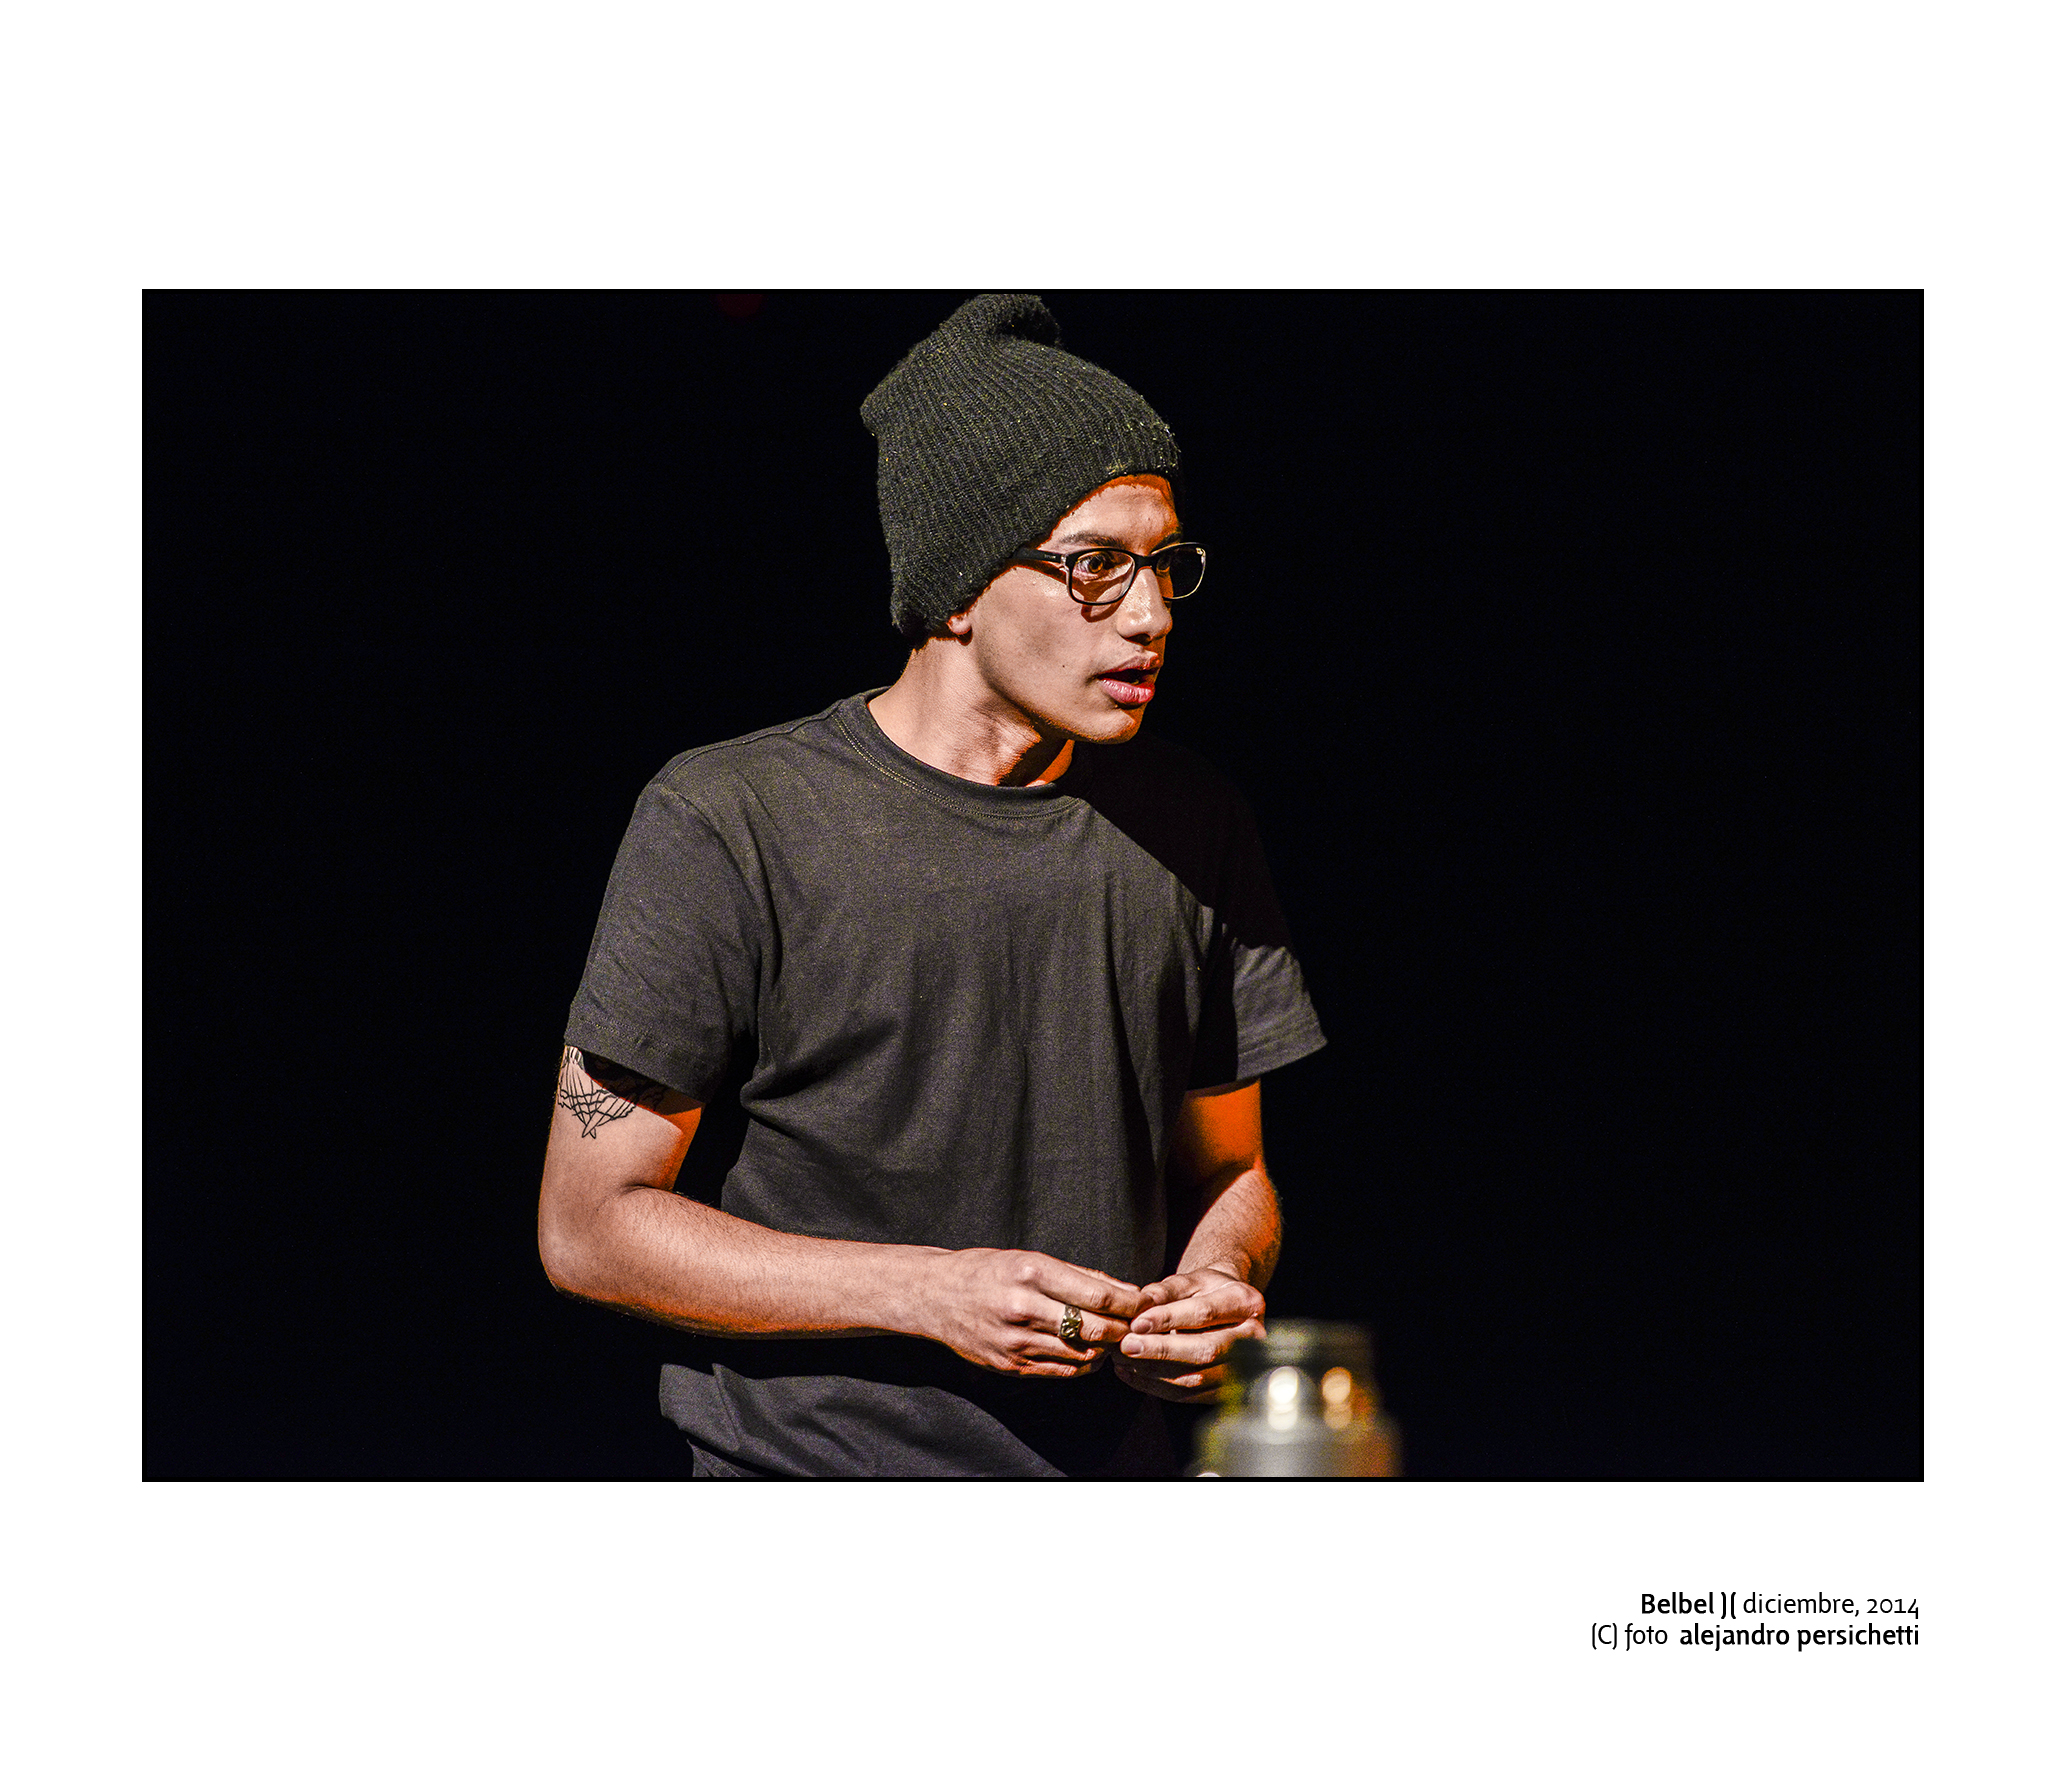 Belbel  0067 (C)A_Persichetti